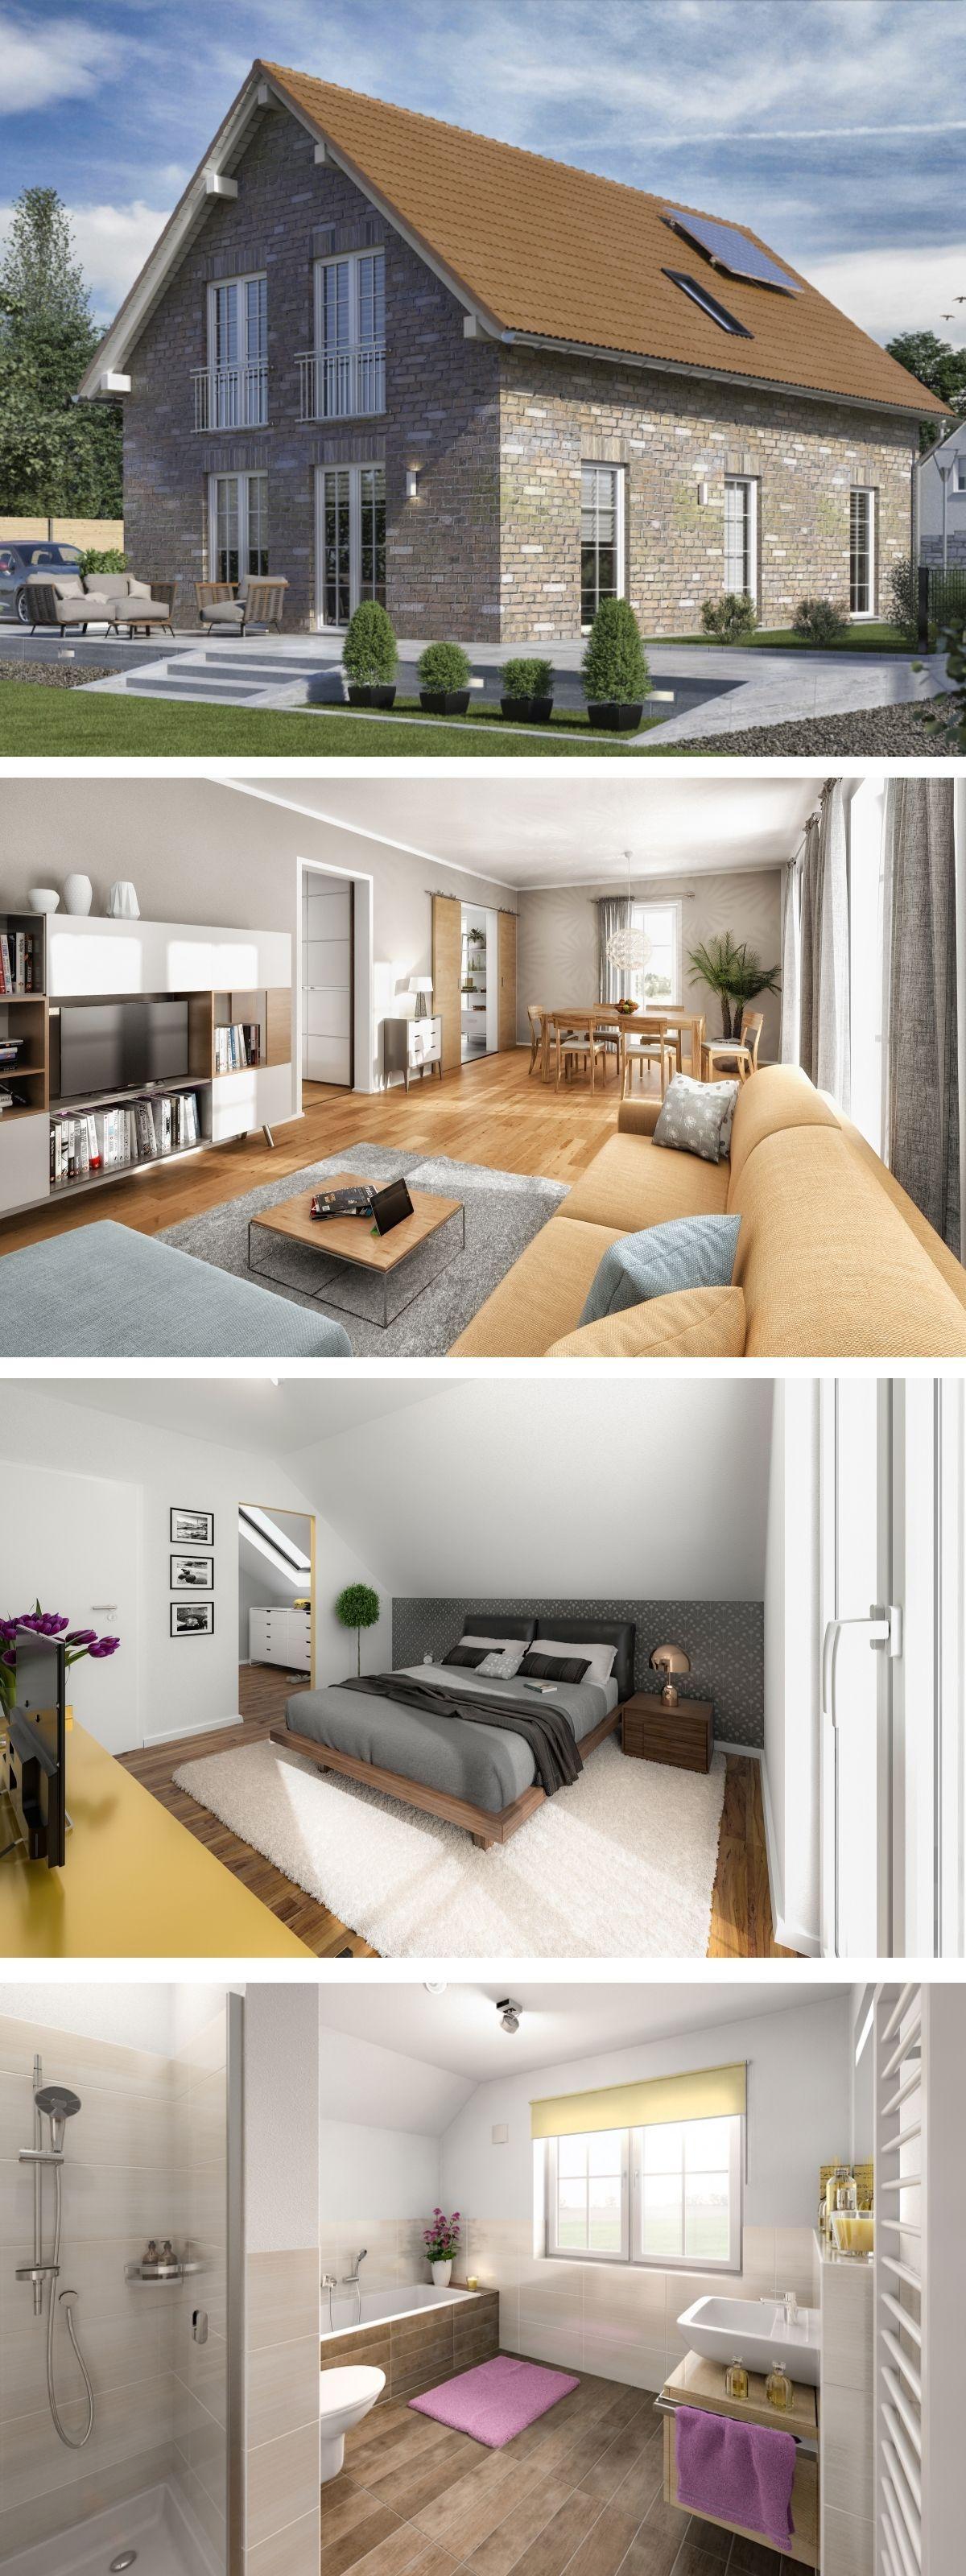 Wohnideen modernes einfamilienhaus neubau mit klinker fassade u satteldach